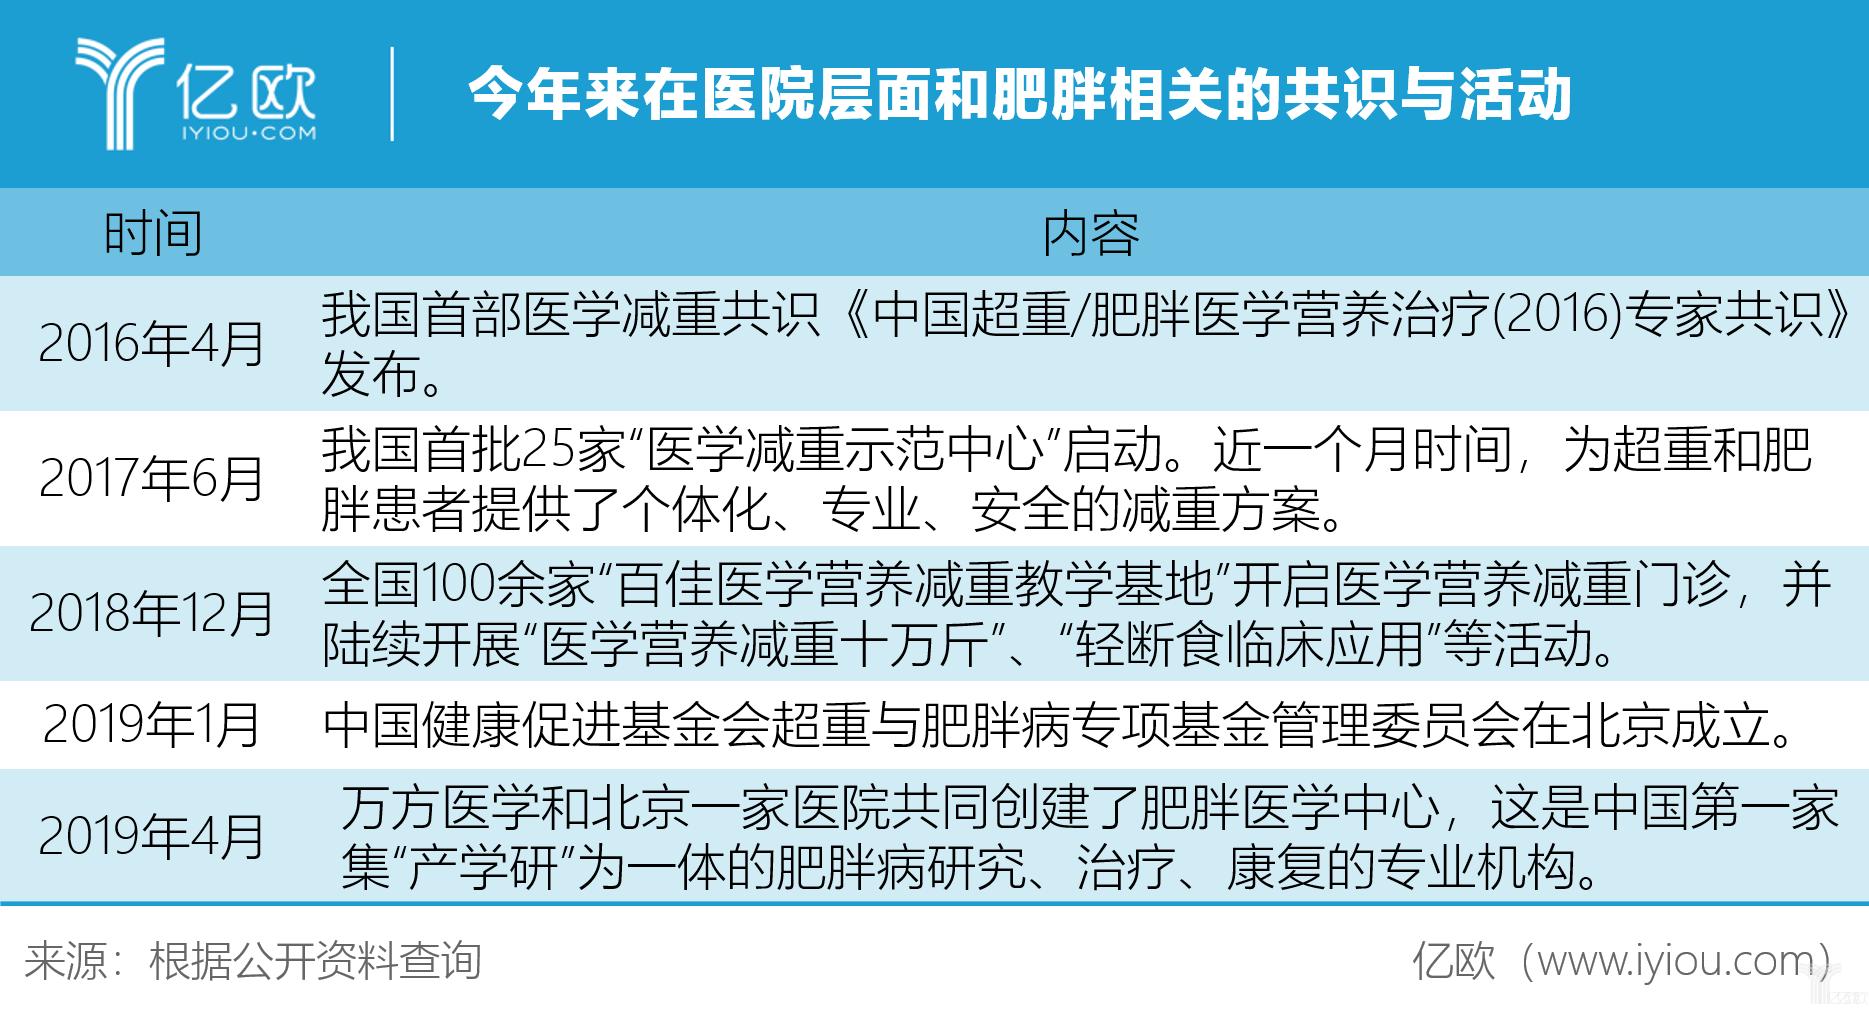 亿欧智库:今年来在医院层面和肥胖相关的共识与活动